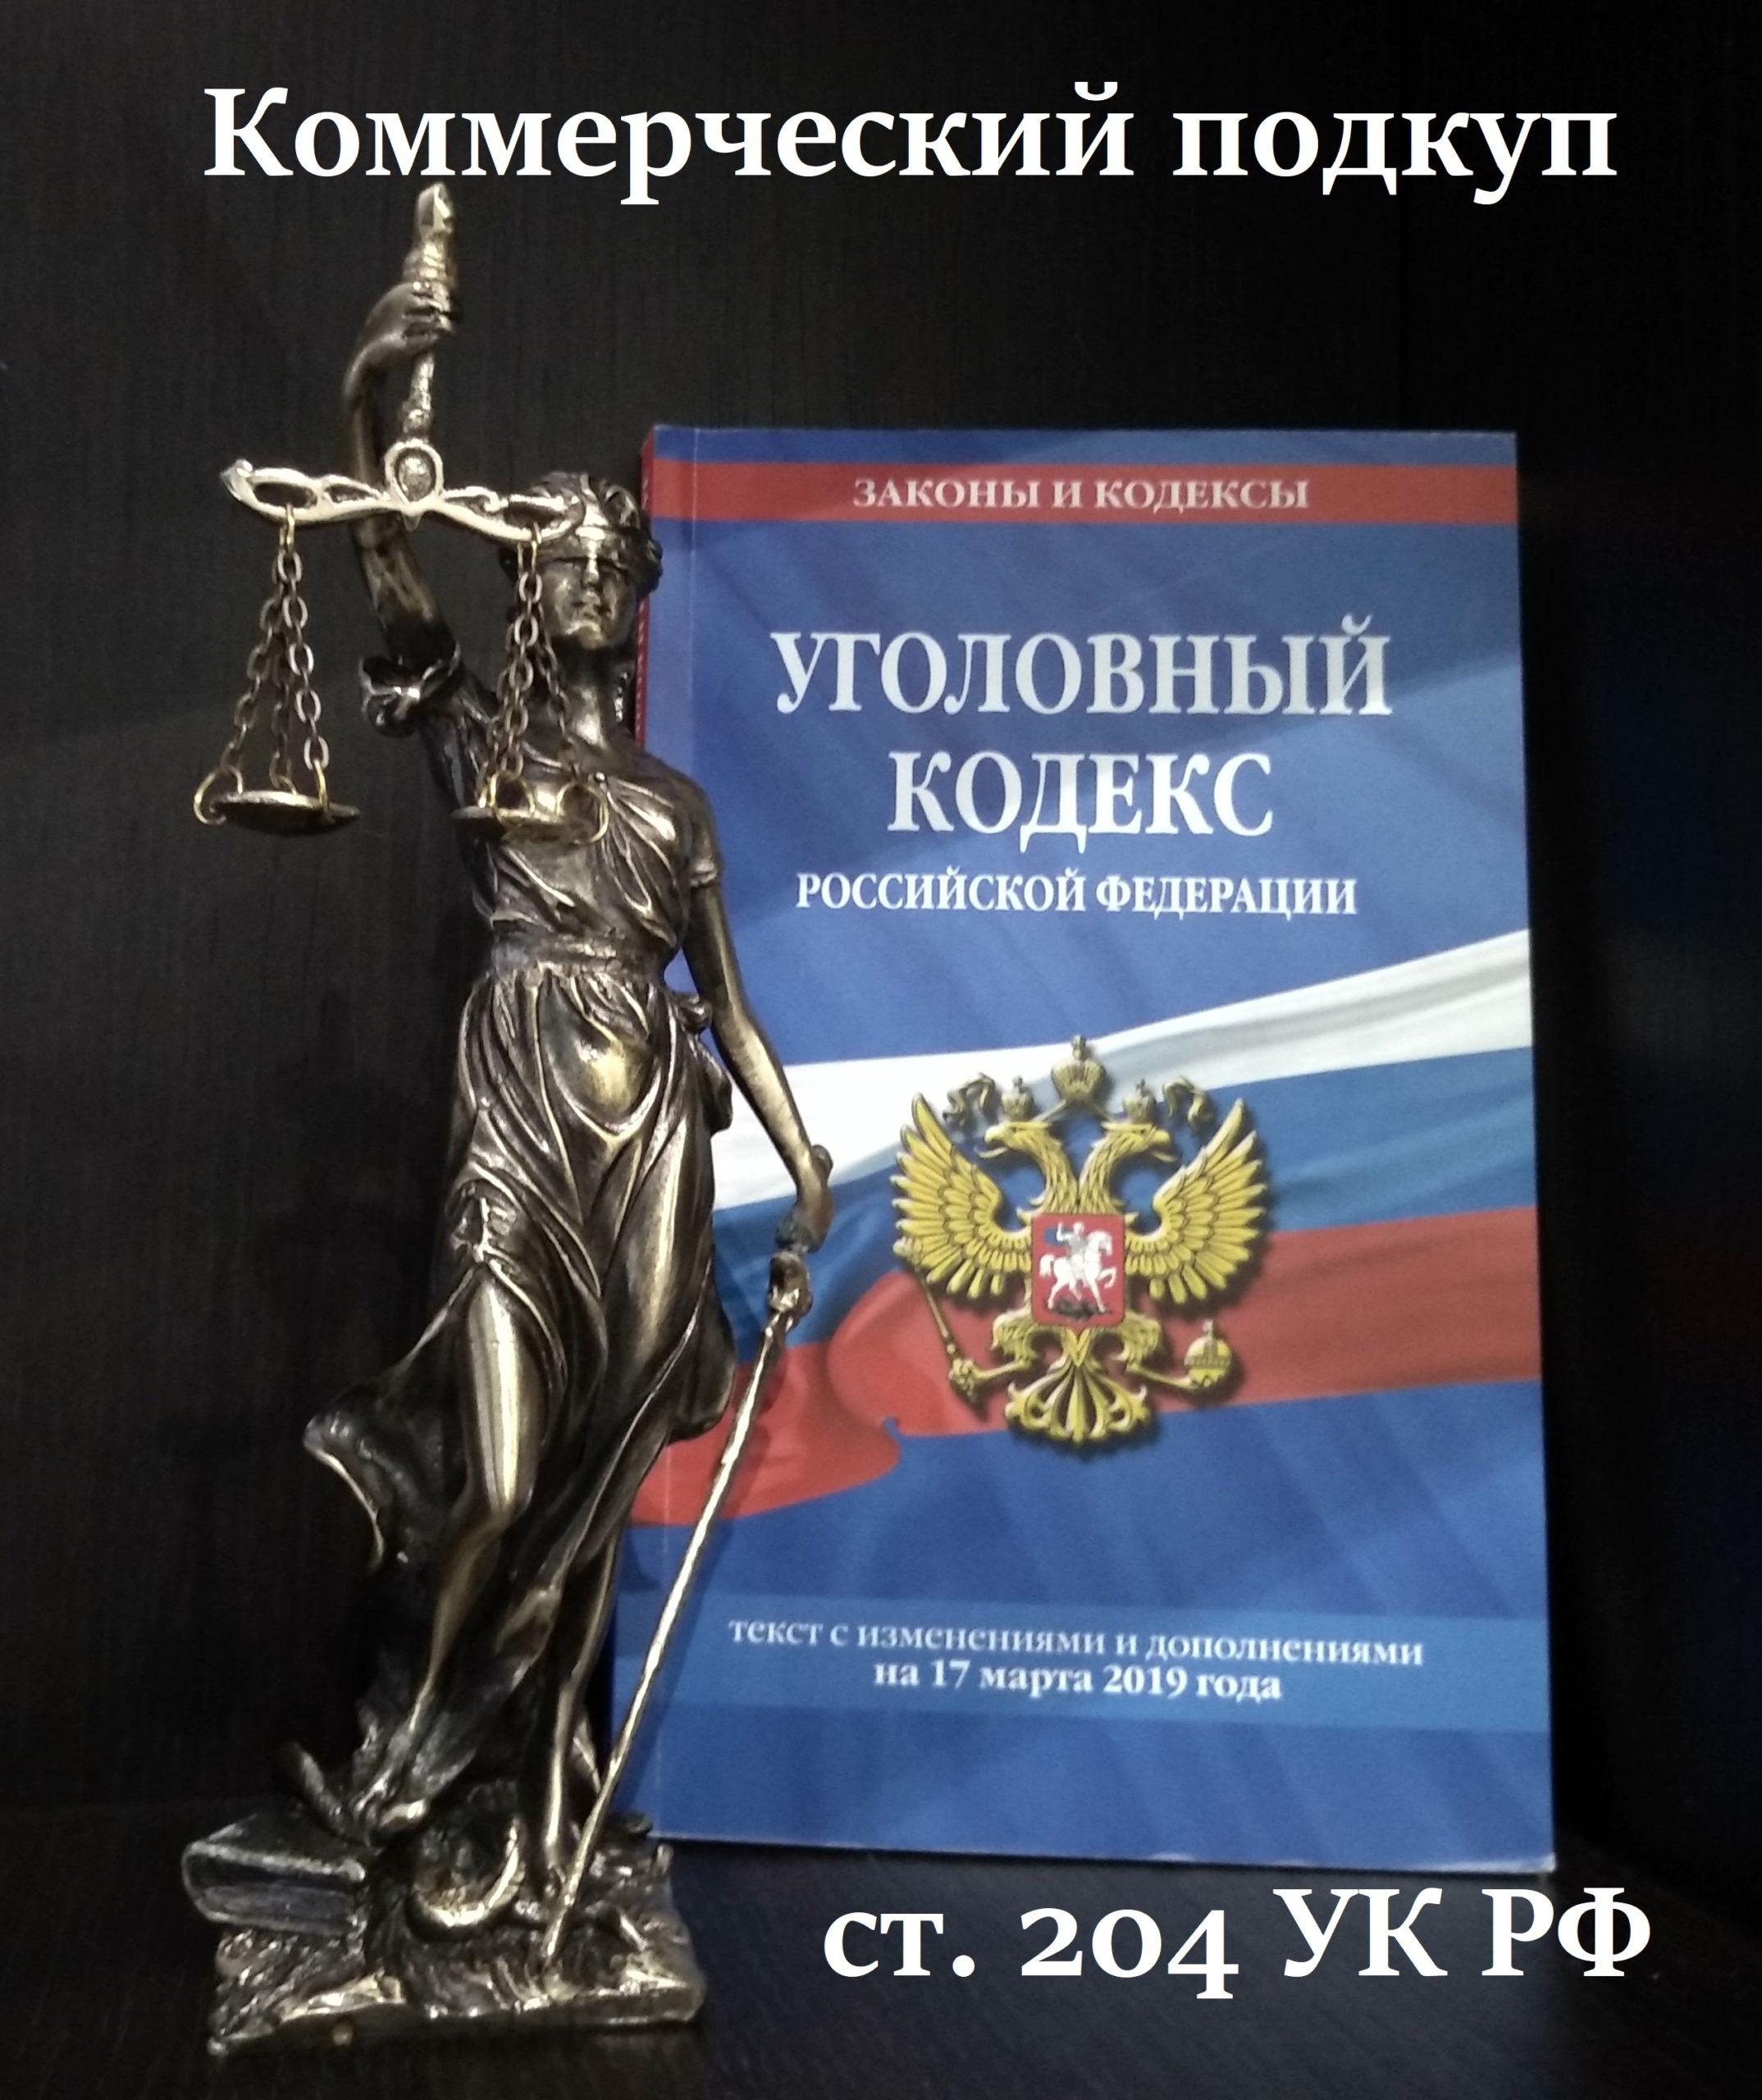 Адвокат по ст. 204 УК РФ Коммерческий подкуп